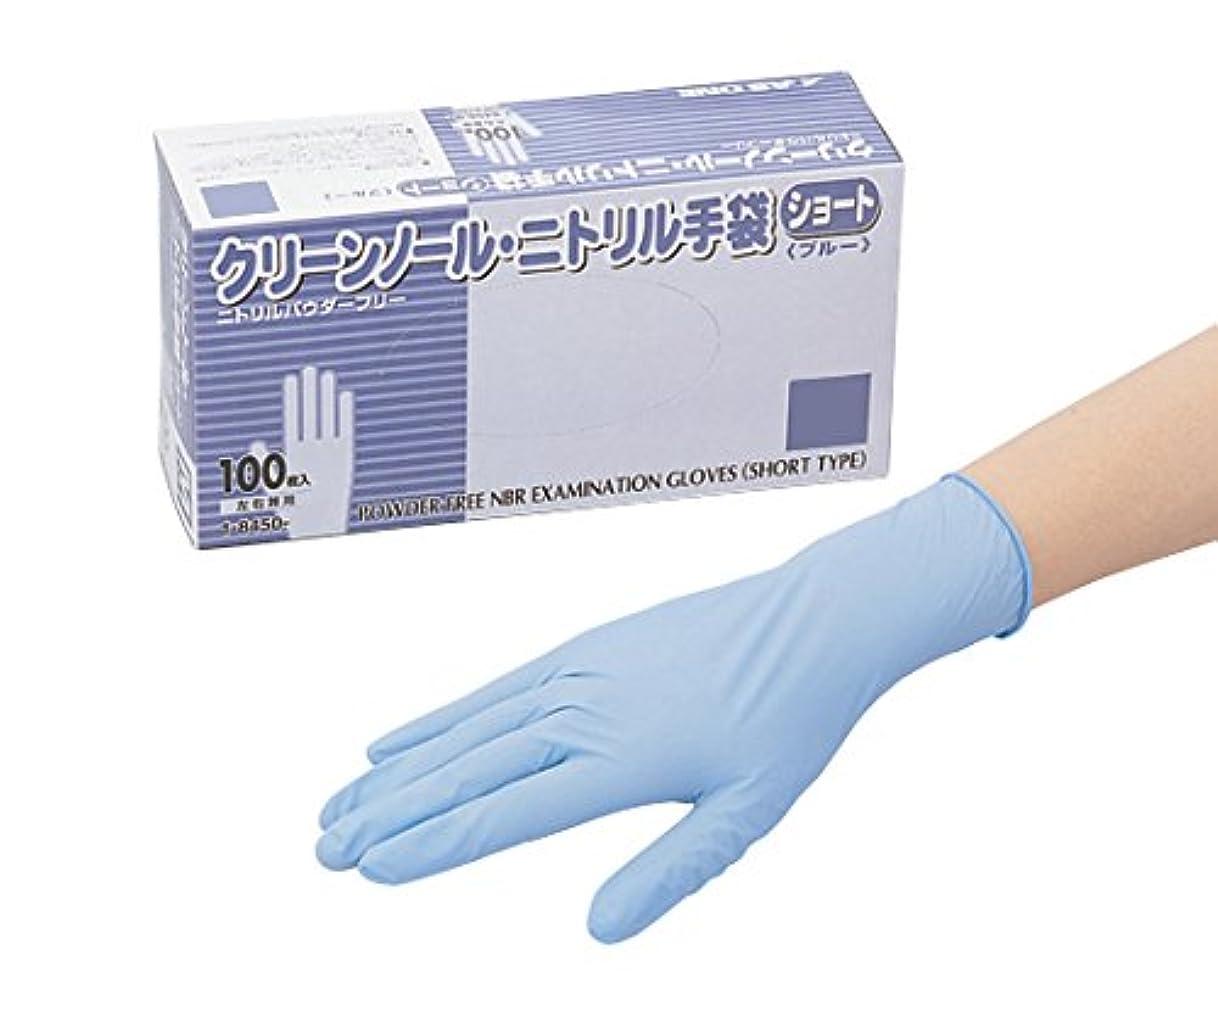 クラウン男平行アズワン1-8450-51クリーンノールニトリル手袋ショート(パウダーフリ-)ブルーL1000枚入